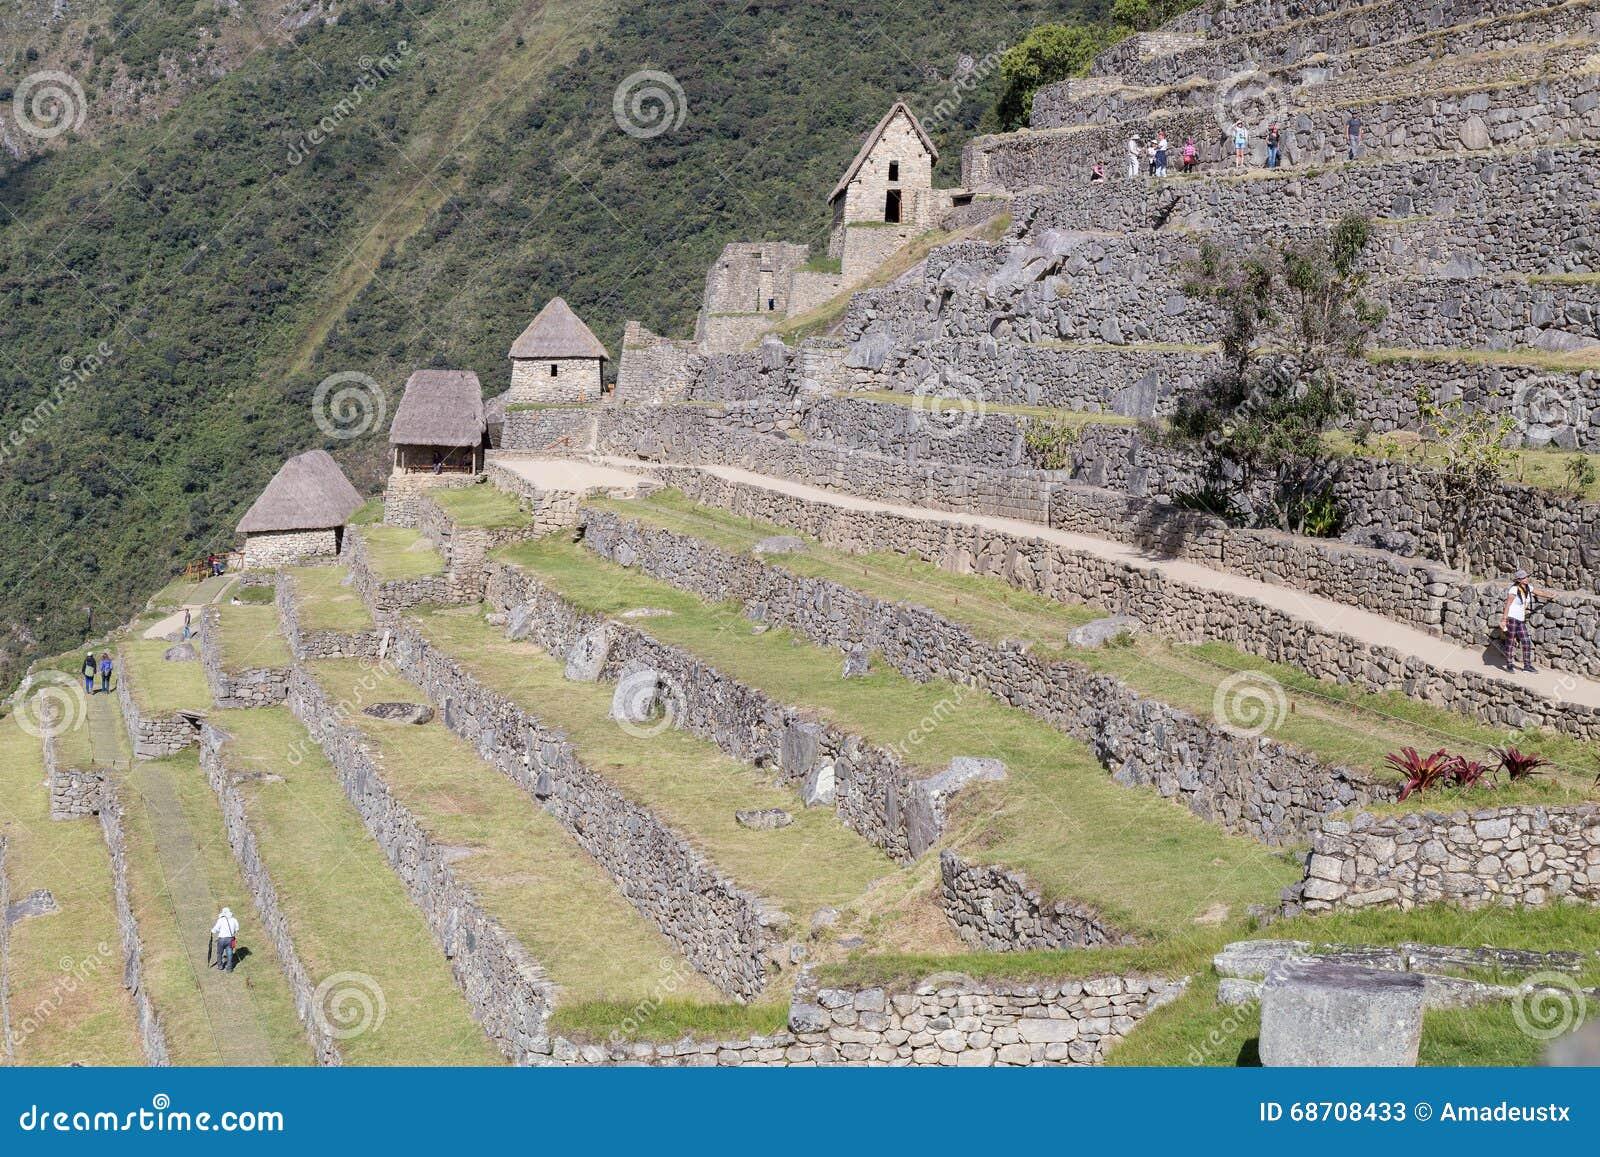 Machu Picchu, Aguas Calientes/Perú - circa junio de 2015: Terrazas en la ciudad perdida sagrada de Machu Picchu de incas en Perú